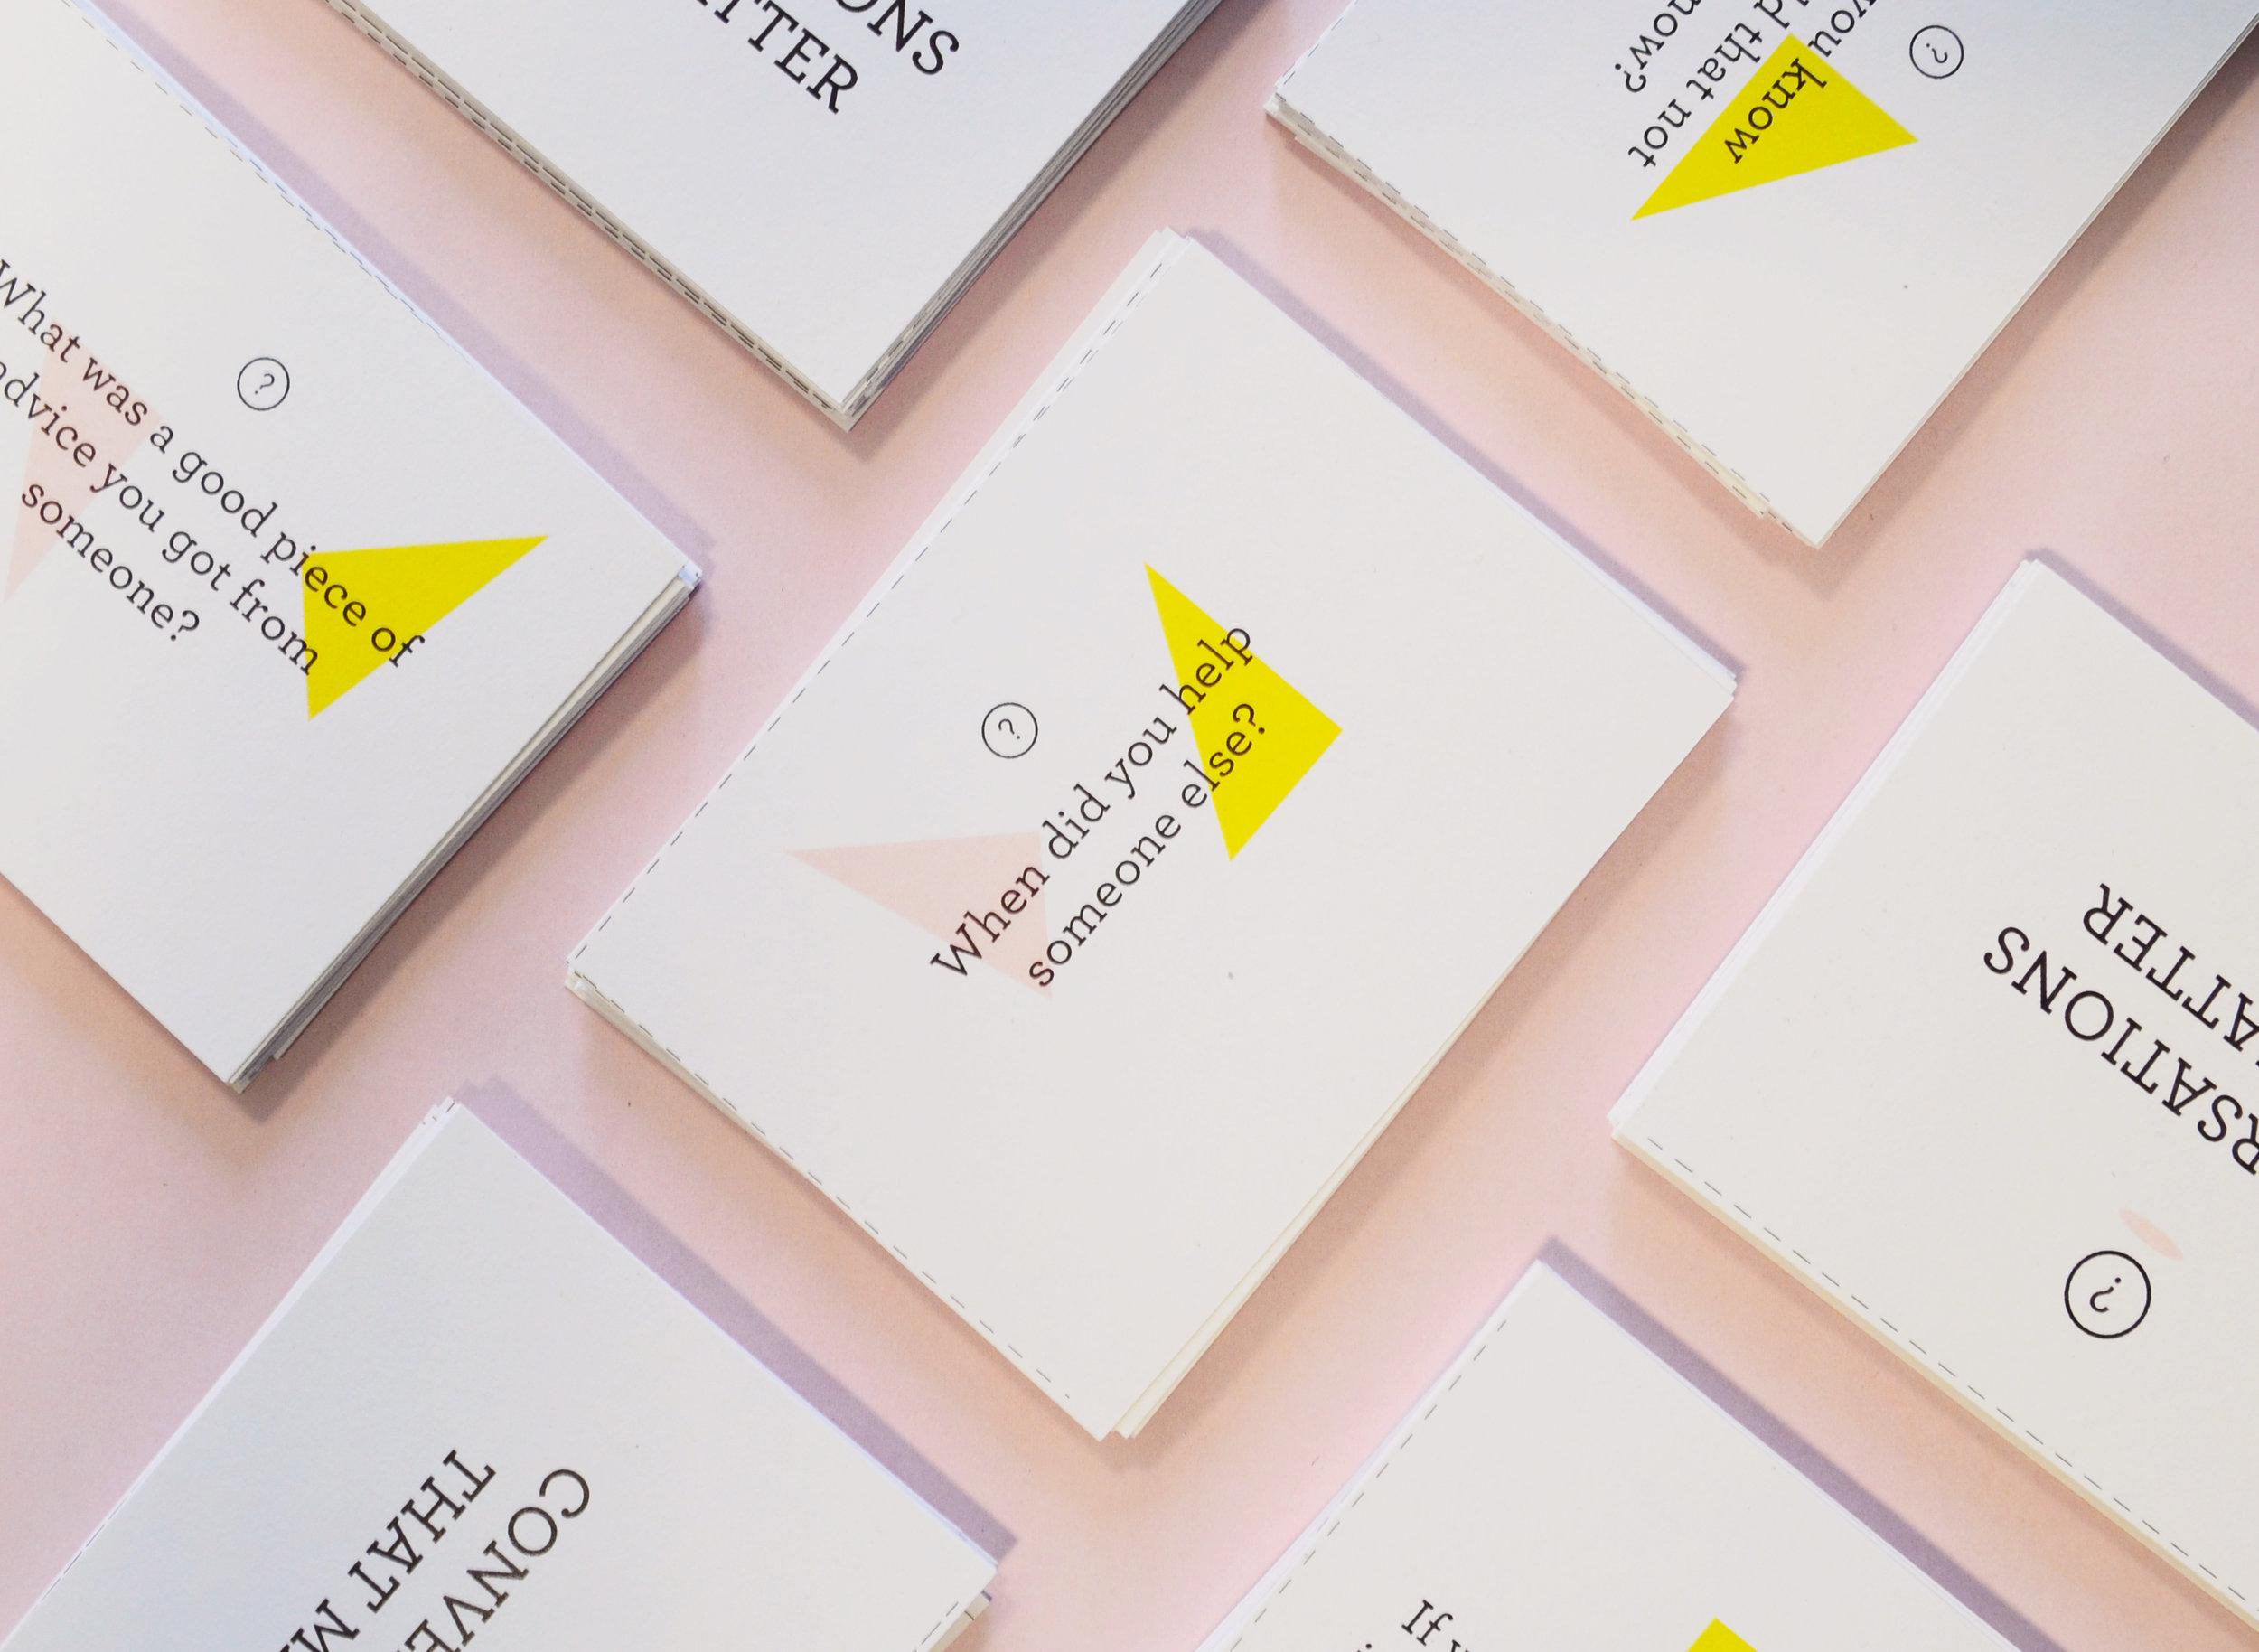 Conversations that matter cards.jpg